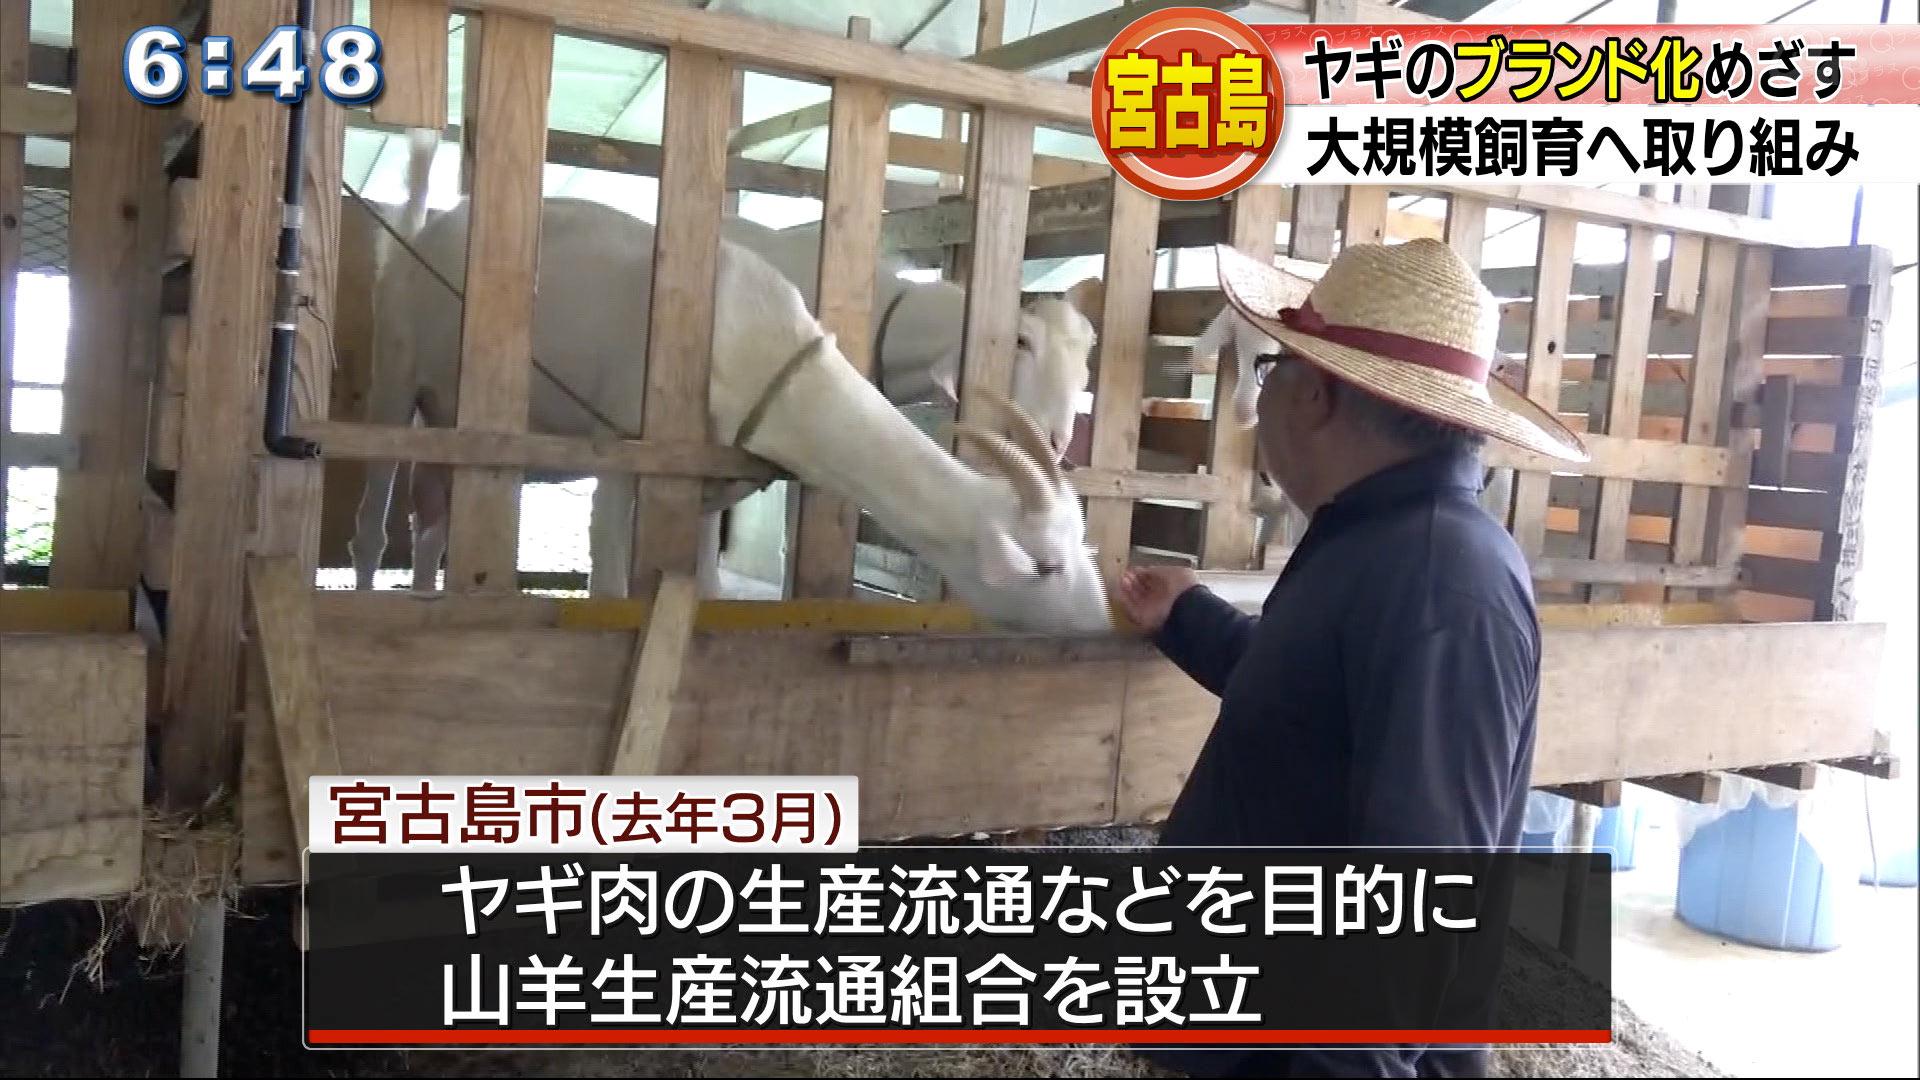 宮古島でヤギのブランド化を目指す